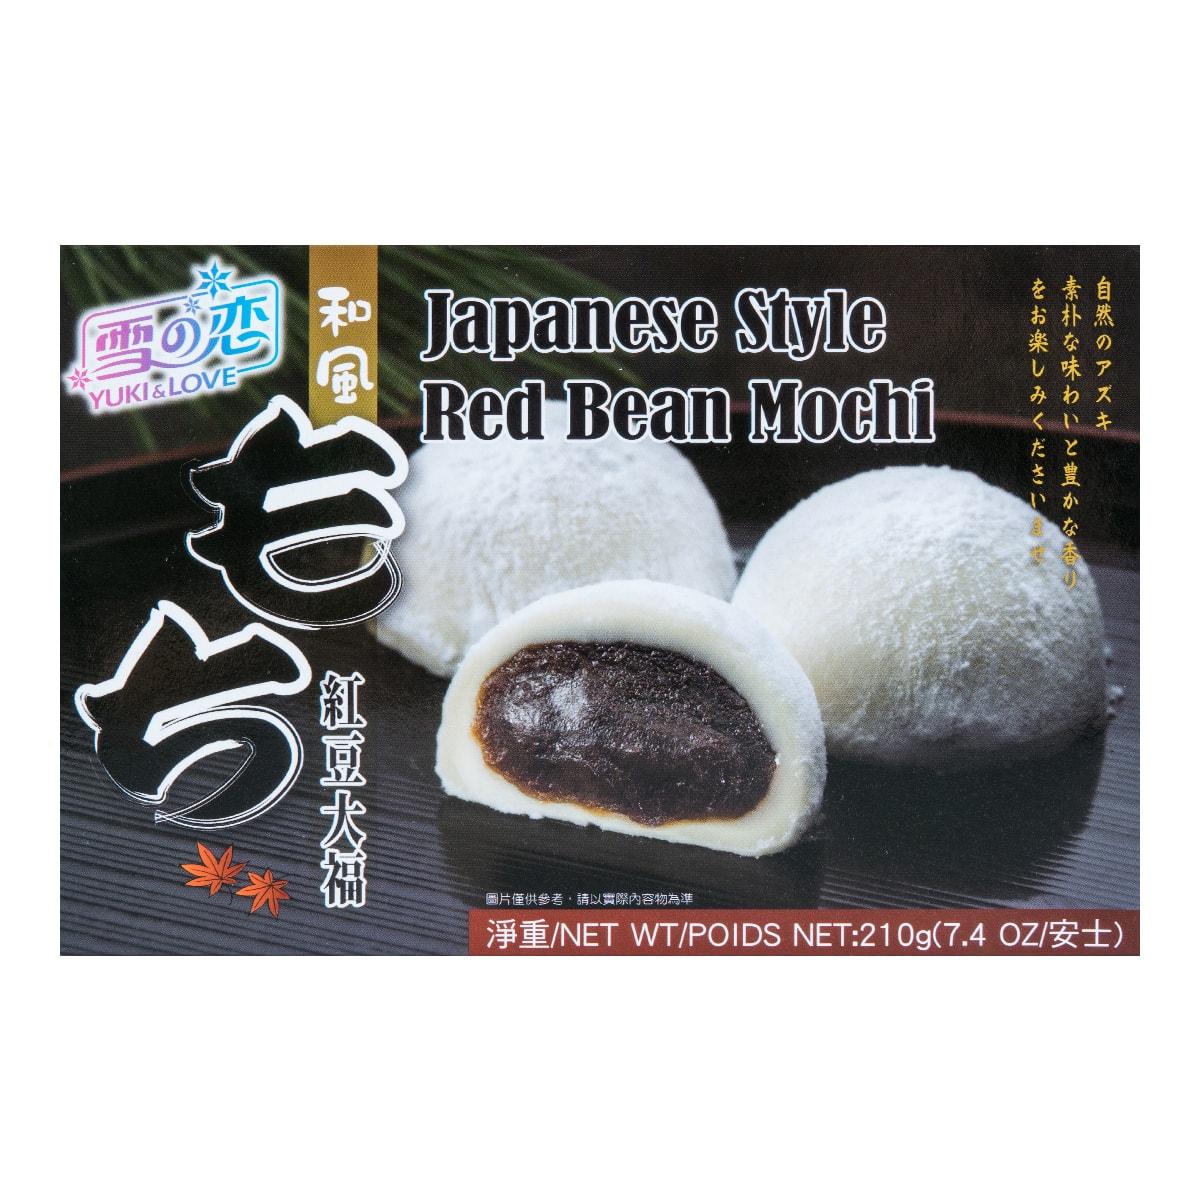 YUKI/LOVE Japan Mochi Red Bean 210g